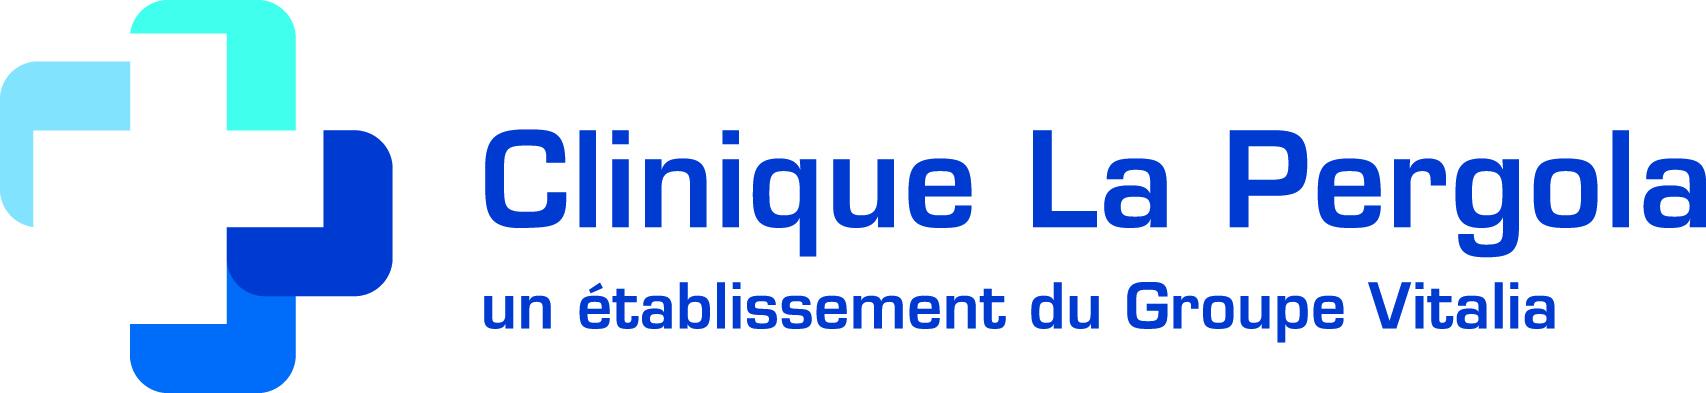 logo Pergola QUAD.jpg